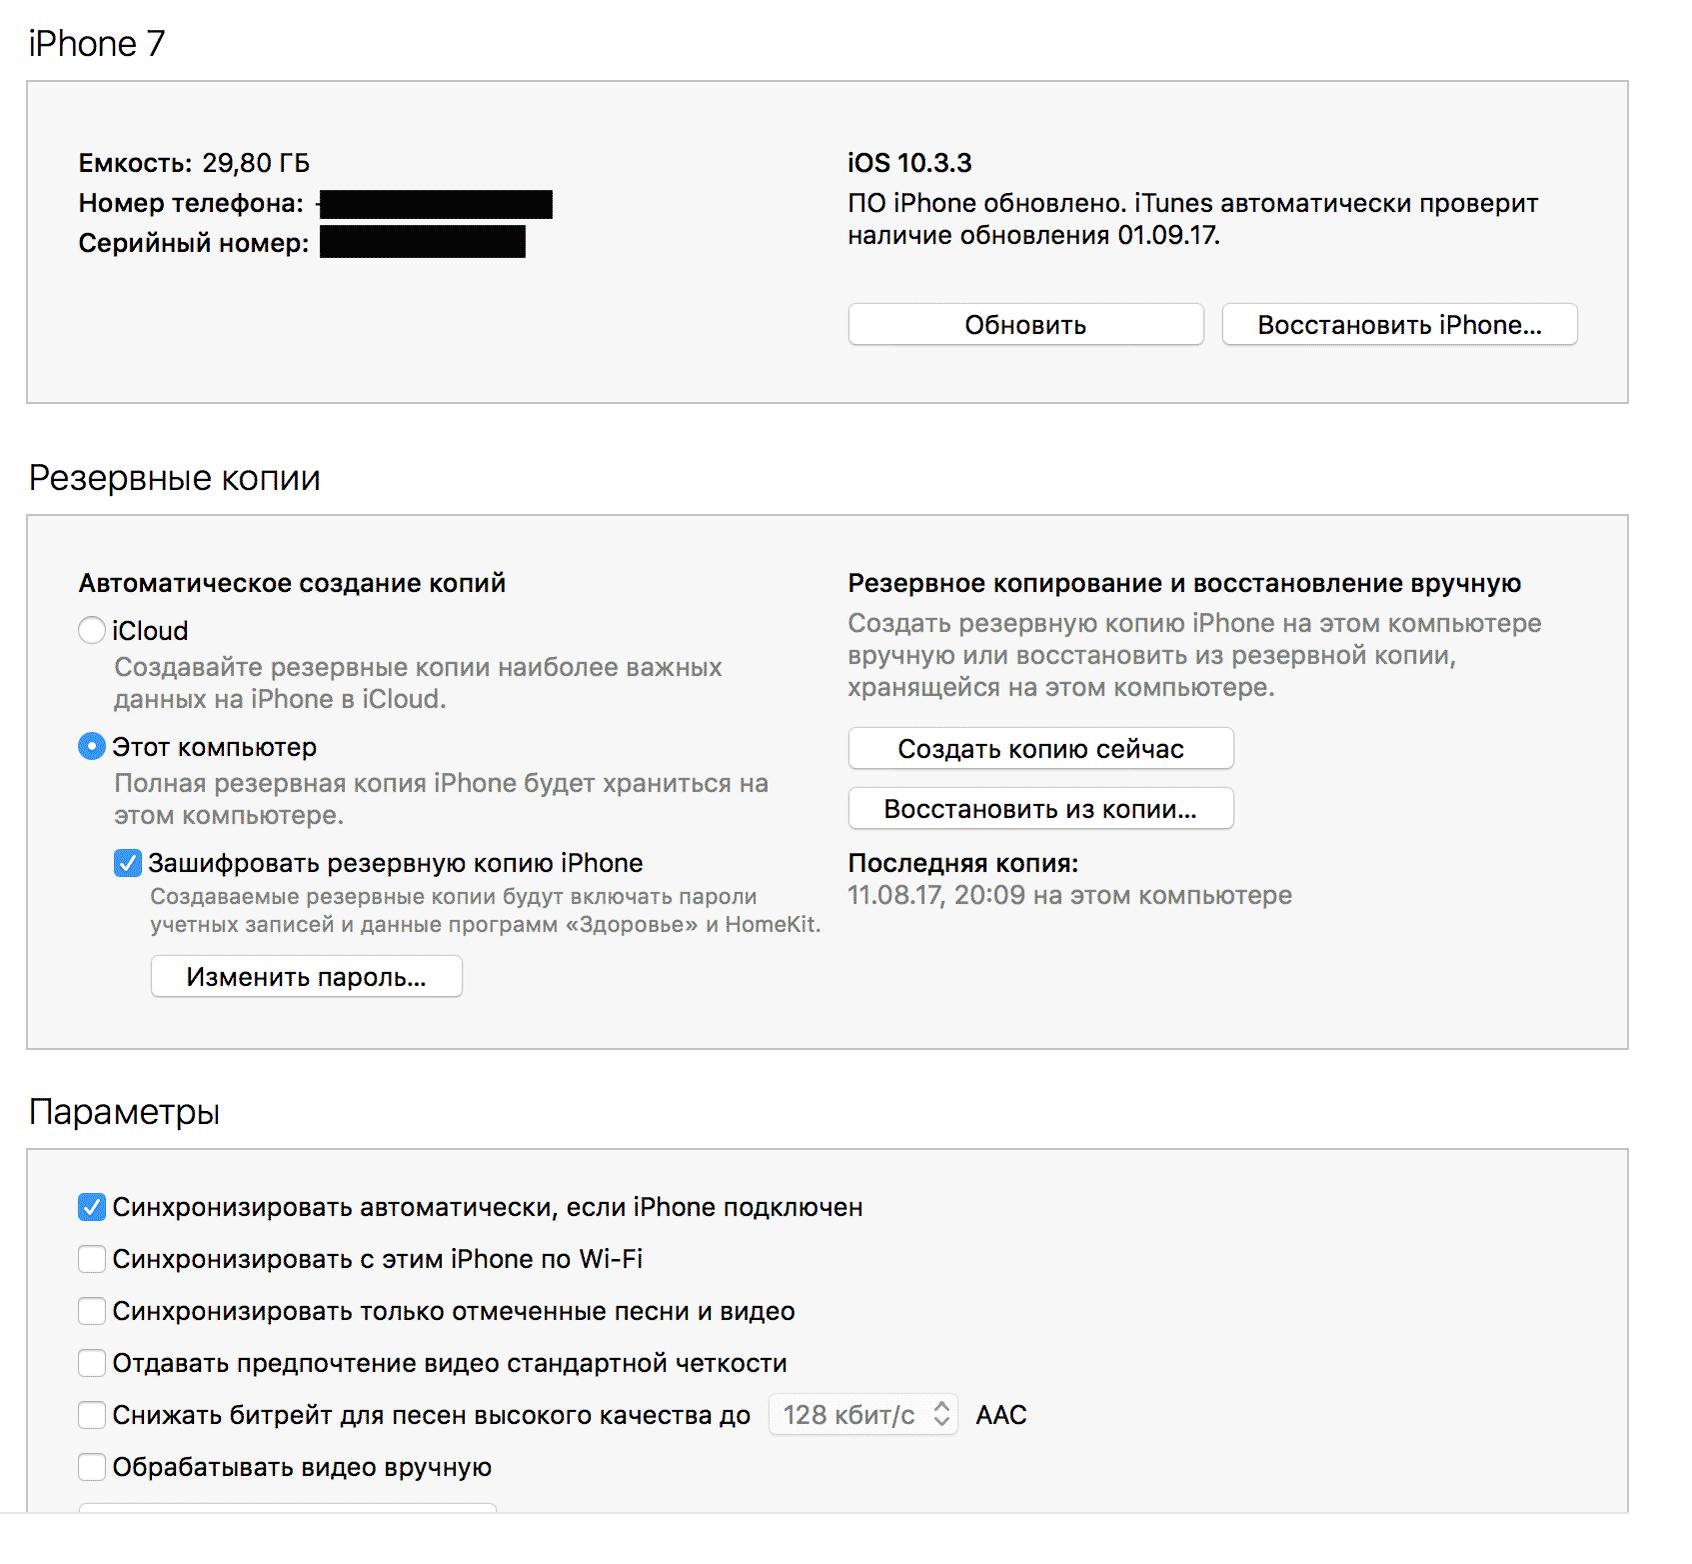 Айтюнс автоматически определит модель вашего телефона и предложит варианты действий